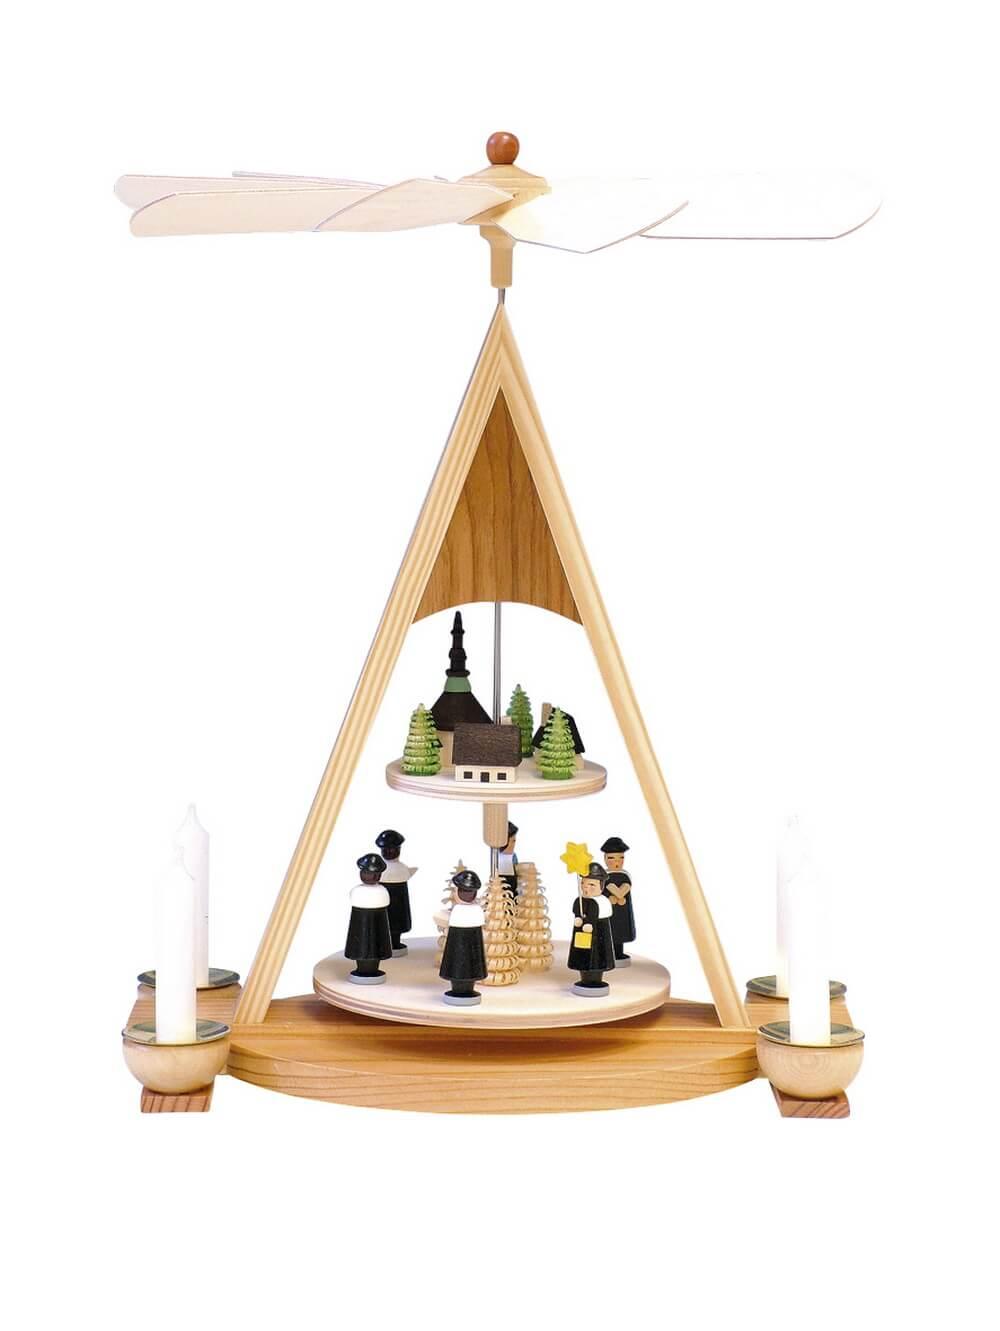 Knuth Neuber, Weihnachtspyramide Kurrende mit Seiffener Dorf